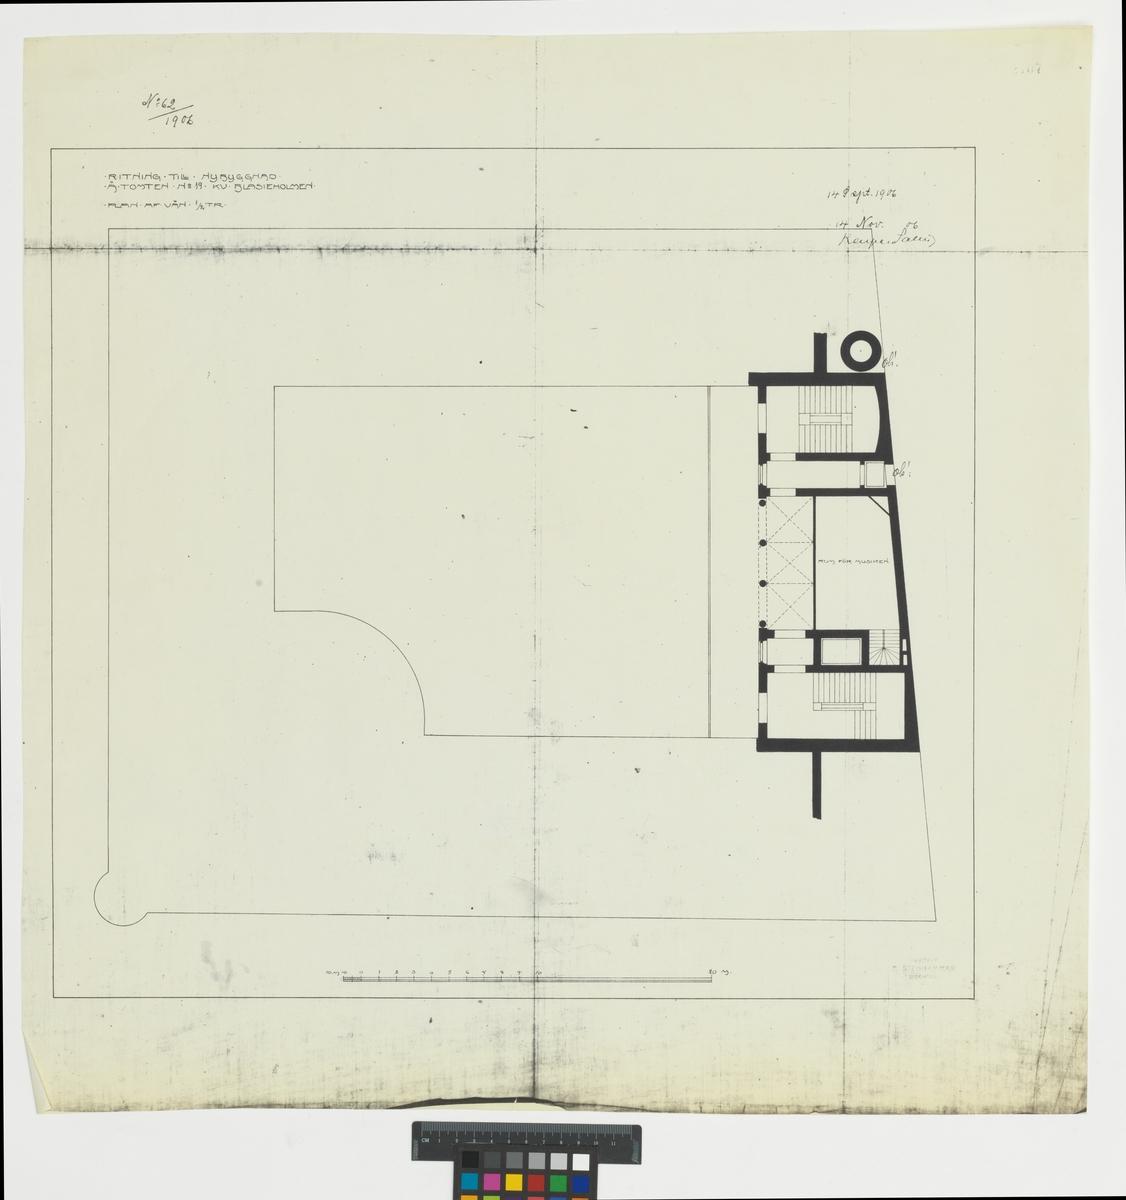 Ritning till nybyggnad å tomten no 19 Kv. Blasieholmen